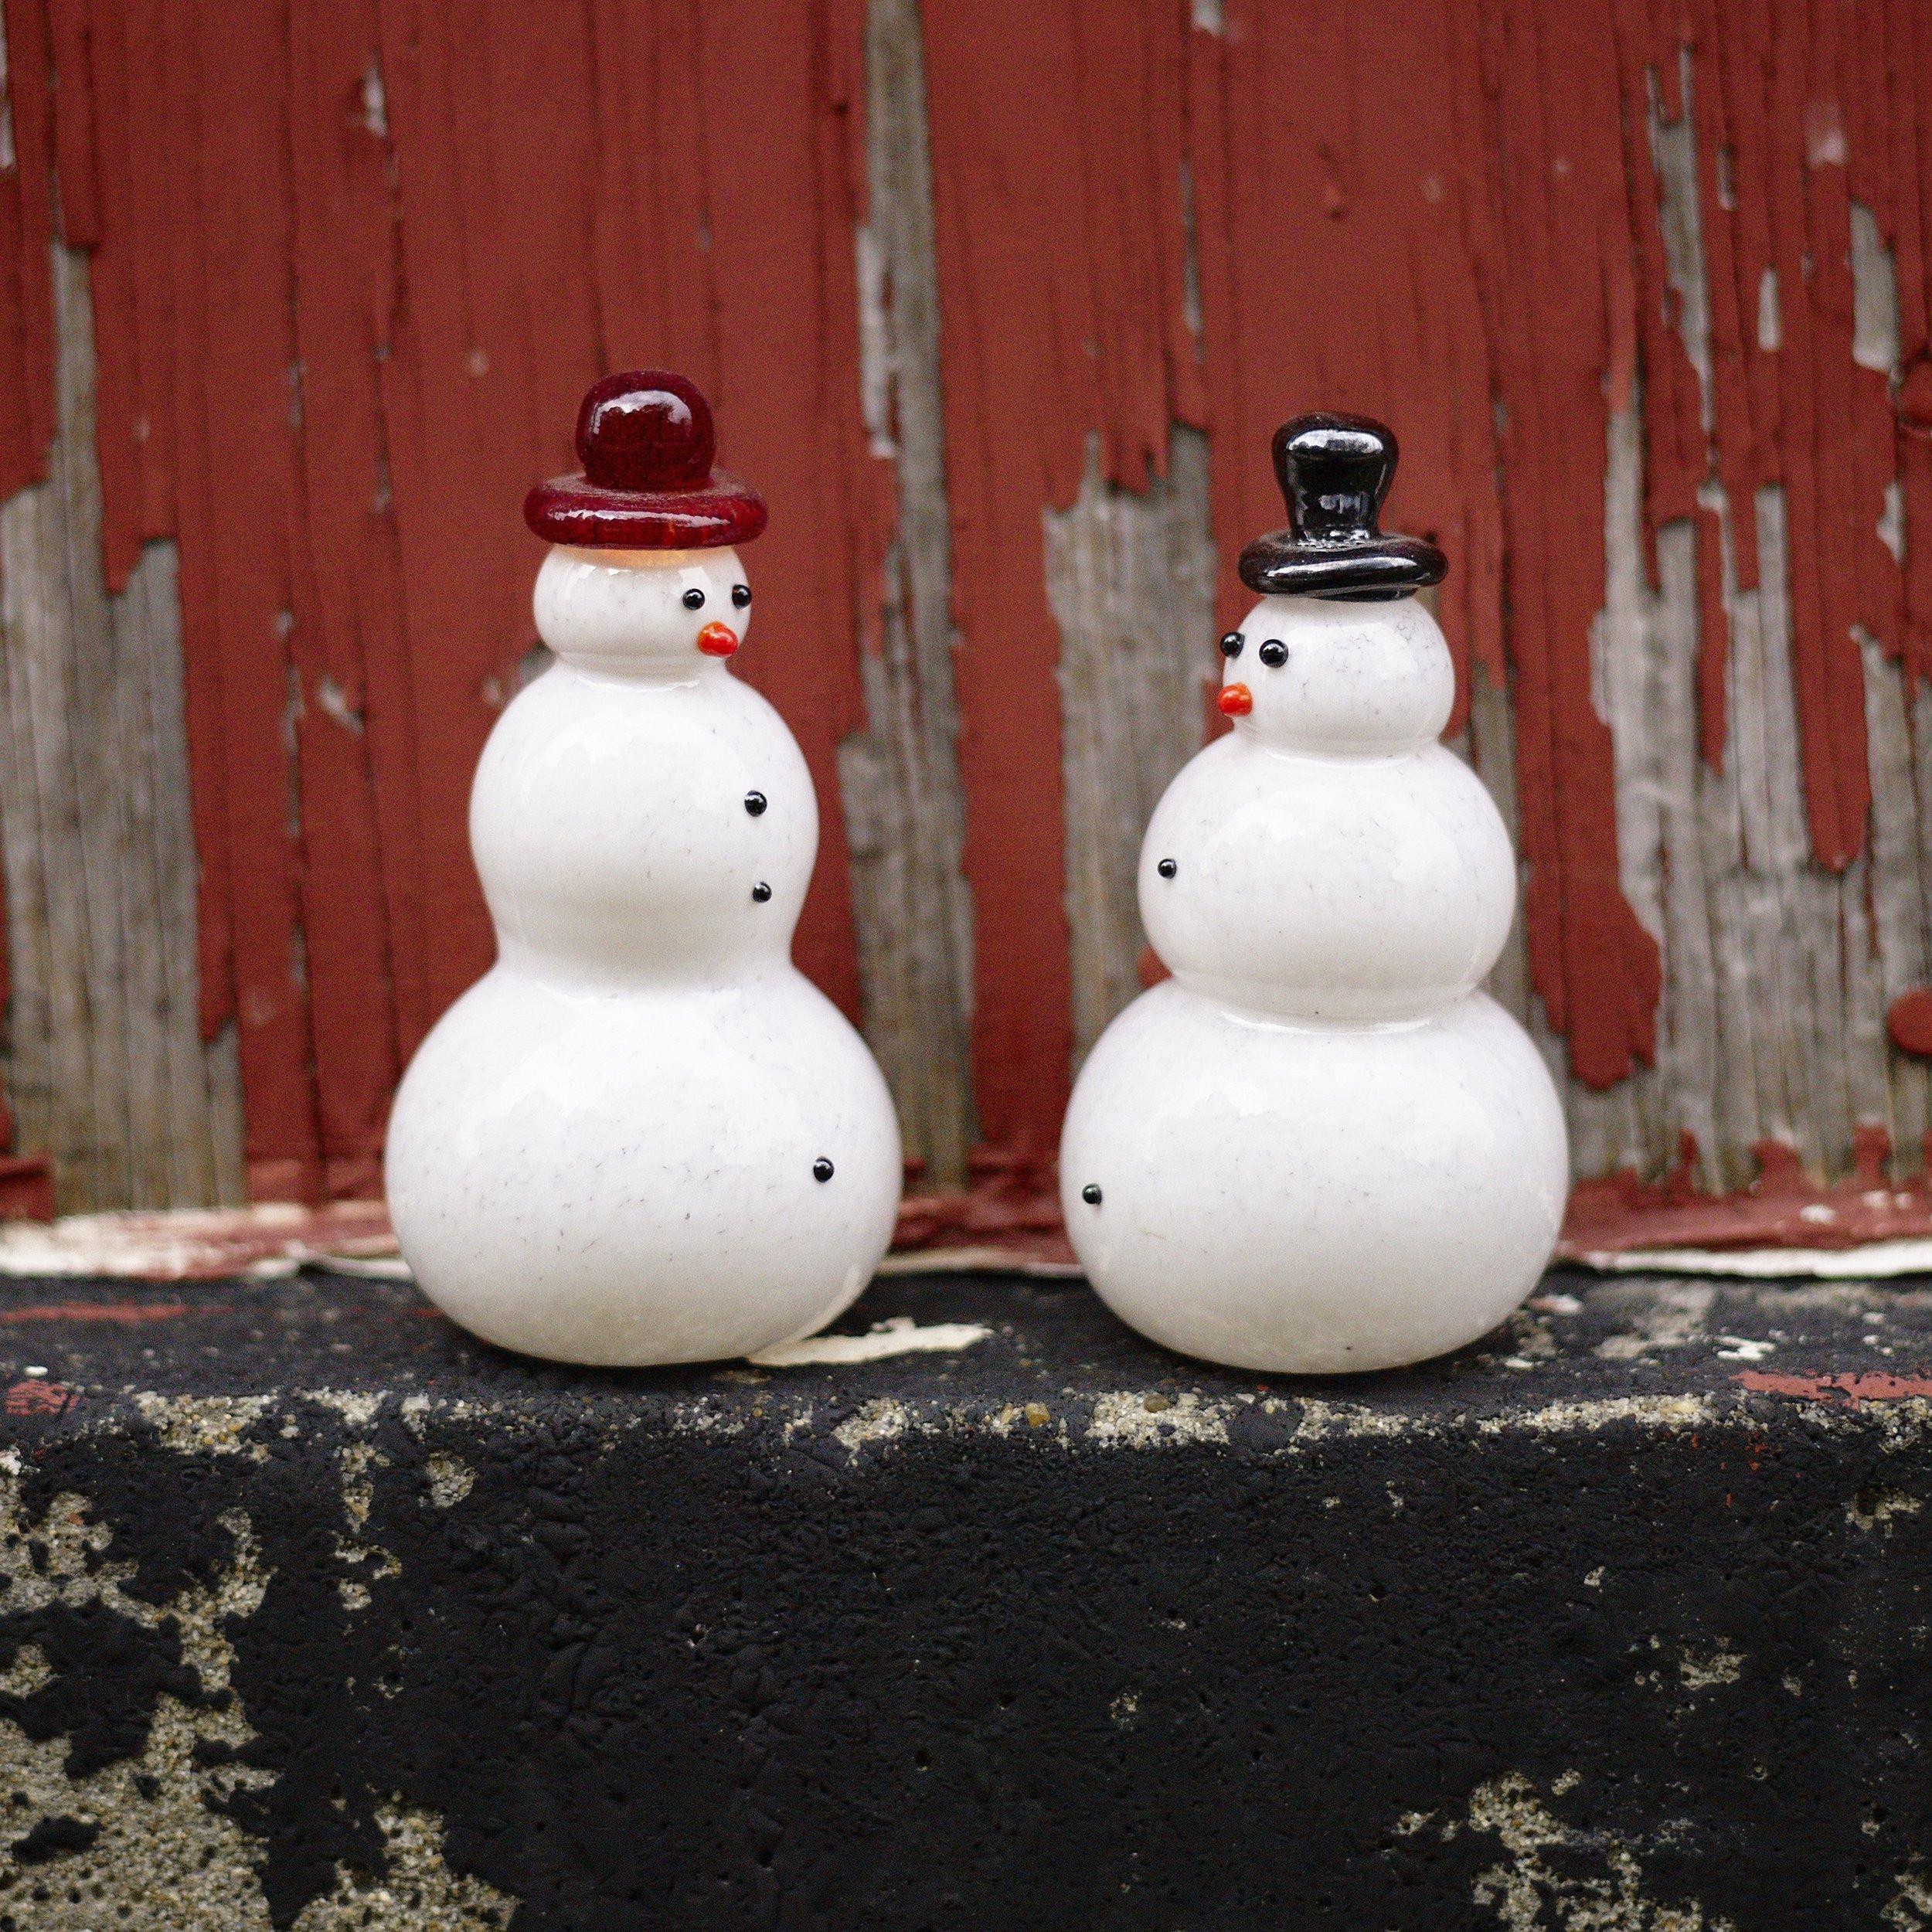 Snowfolkjpg.jpg